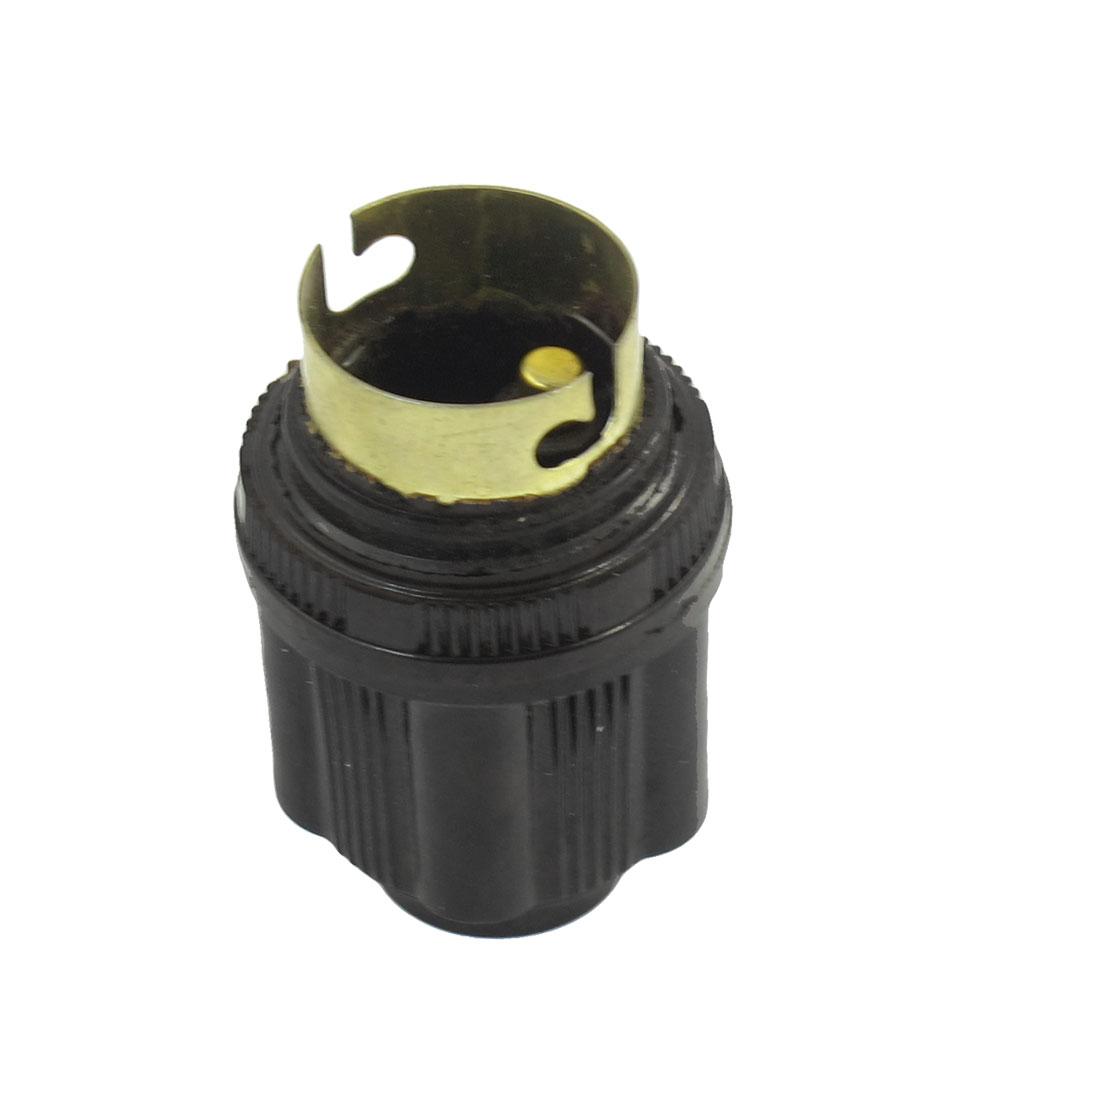 Black Round Bulb Socket Plastic Light Lamp Holder AC 220V 5A